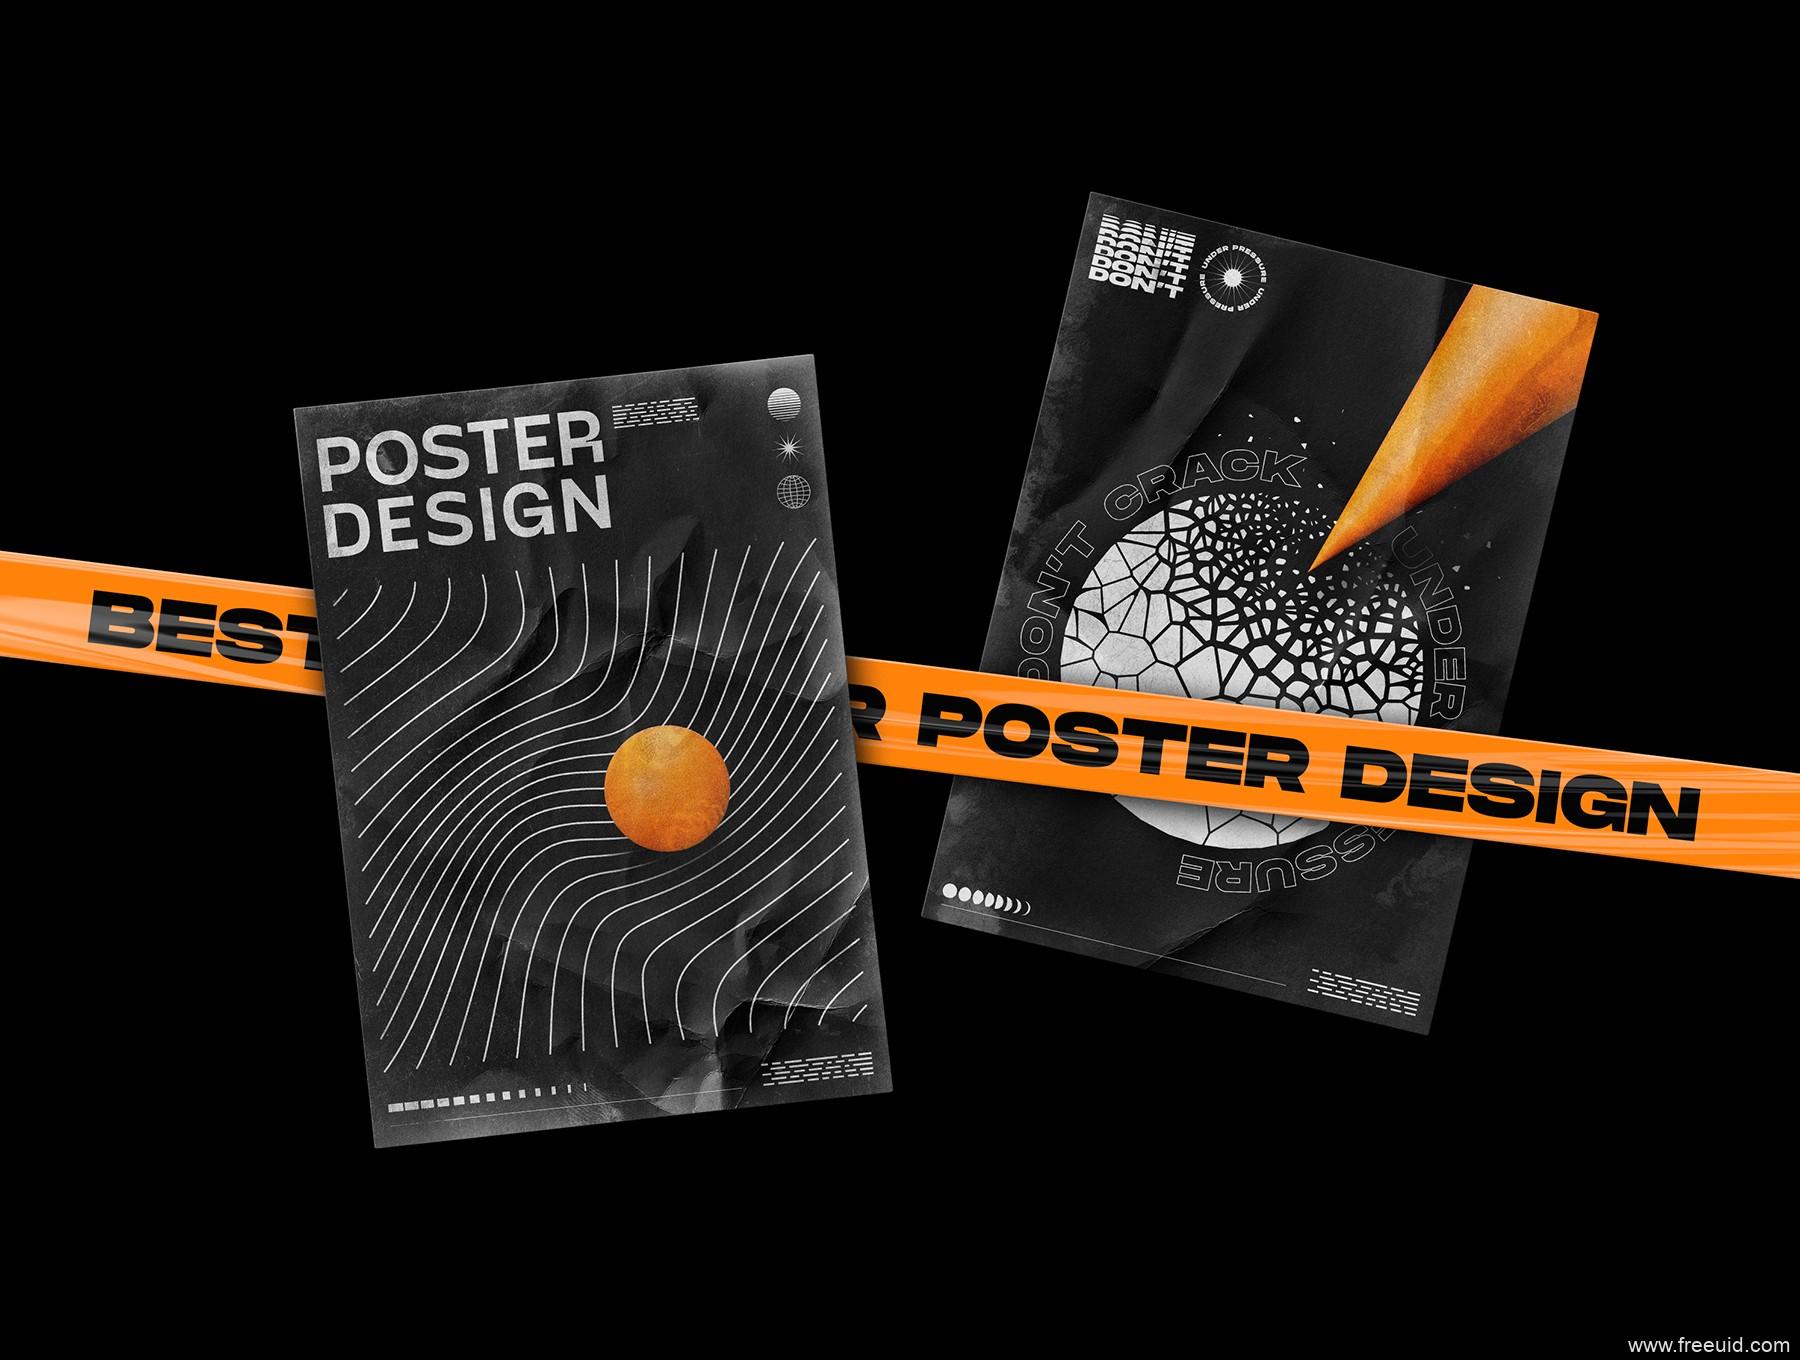 200个用于流行作品集包装的抽象形状+褶皱背景素材集,酸性设计素材包,高端设计作品集包装素材AI,EPS,PSD源文件下载